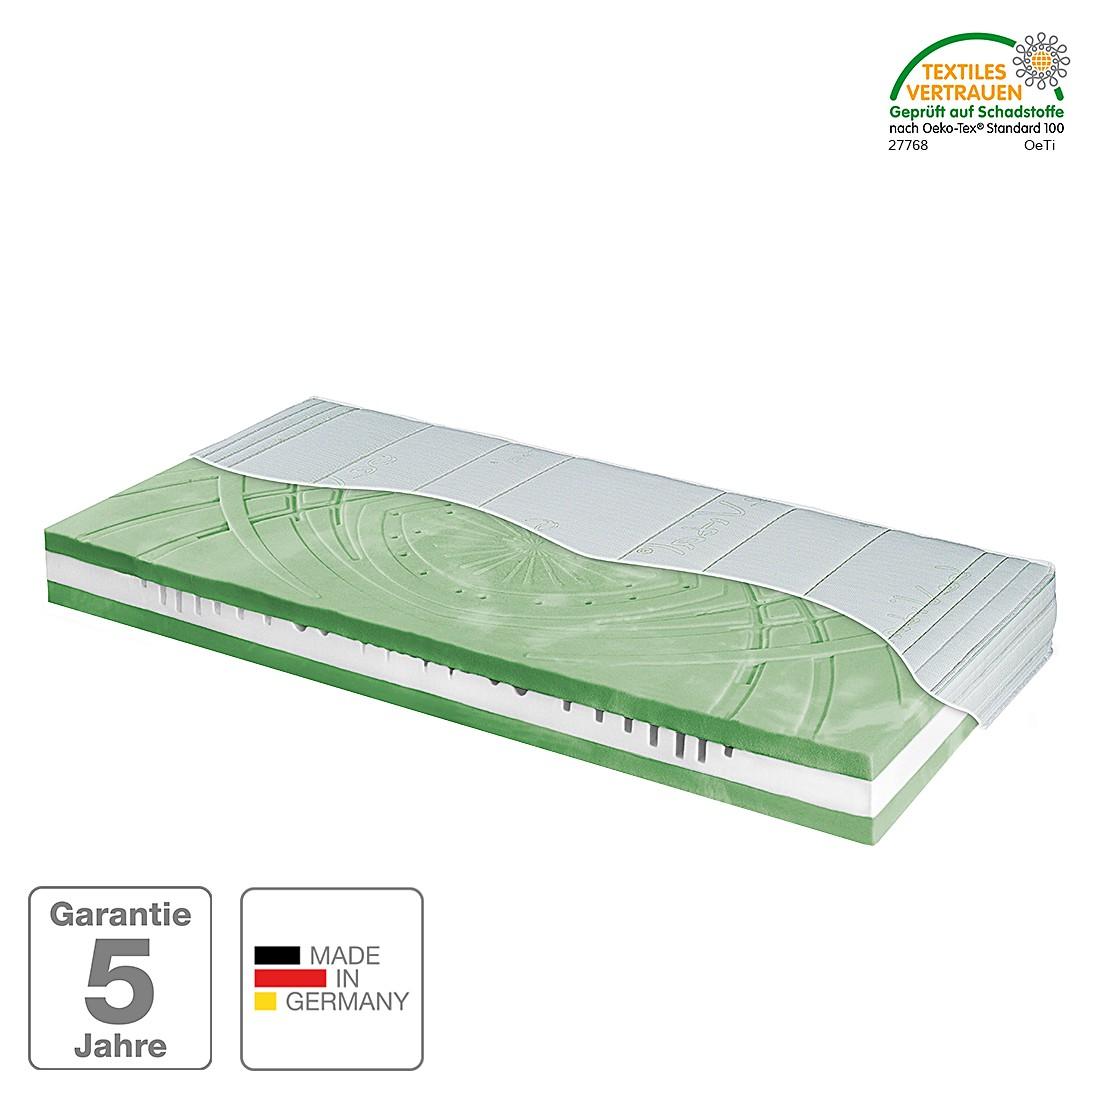 Kaltschaummatratze beVital 1800 Compact – 140 x 190cm, Dunlopillo online bestellen